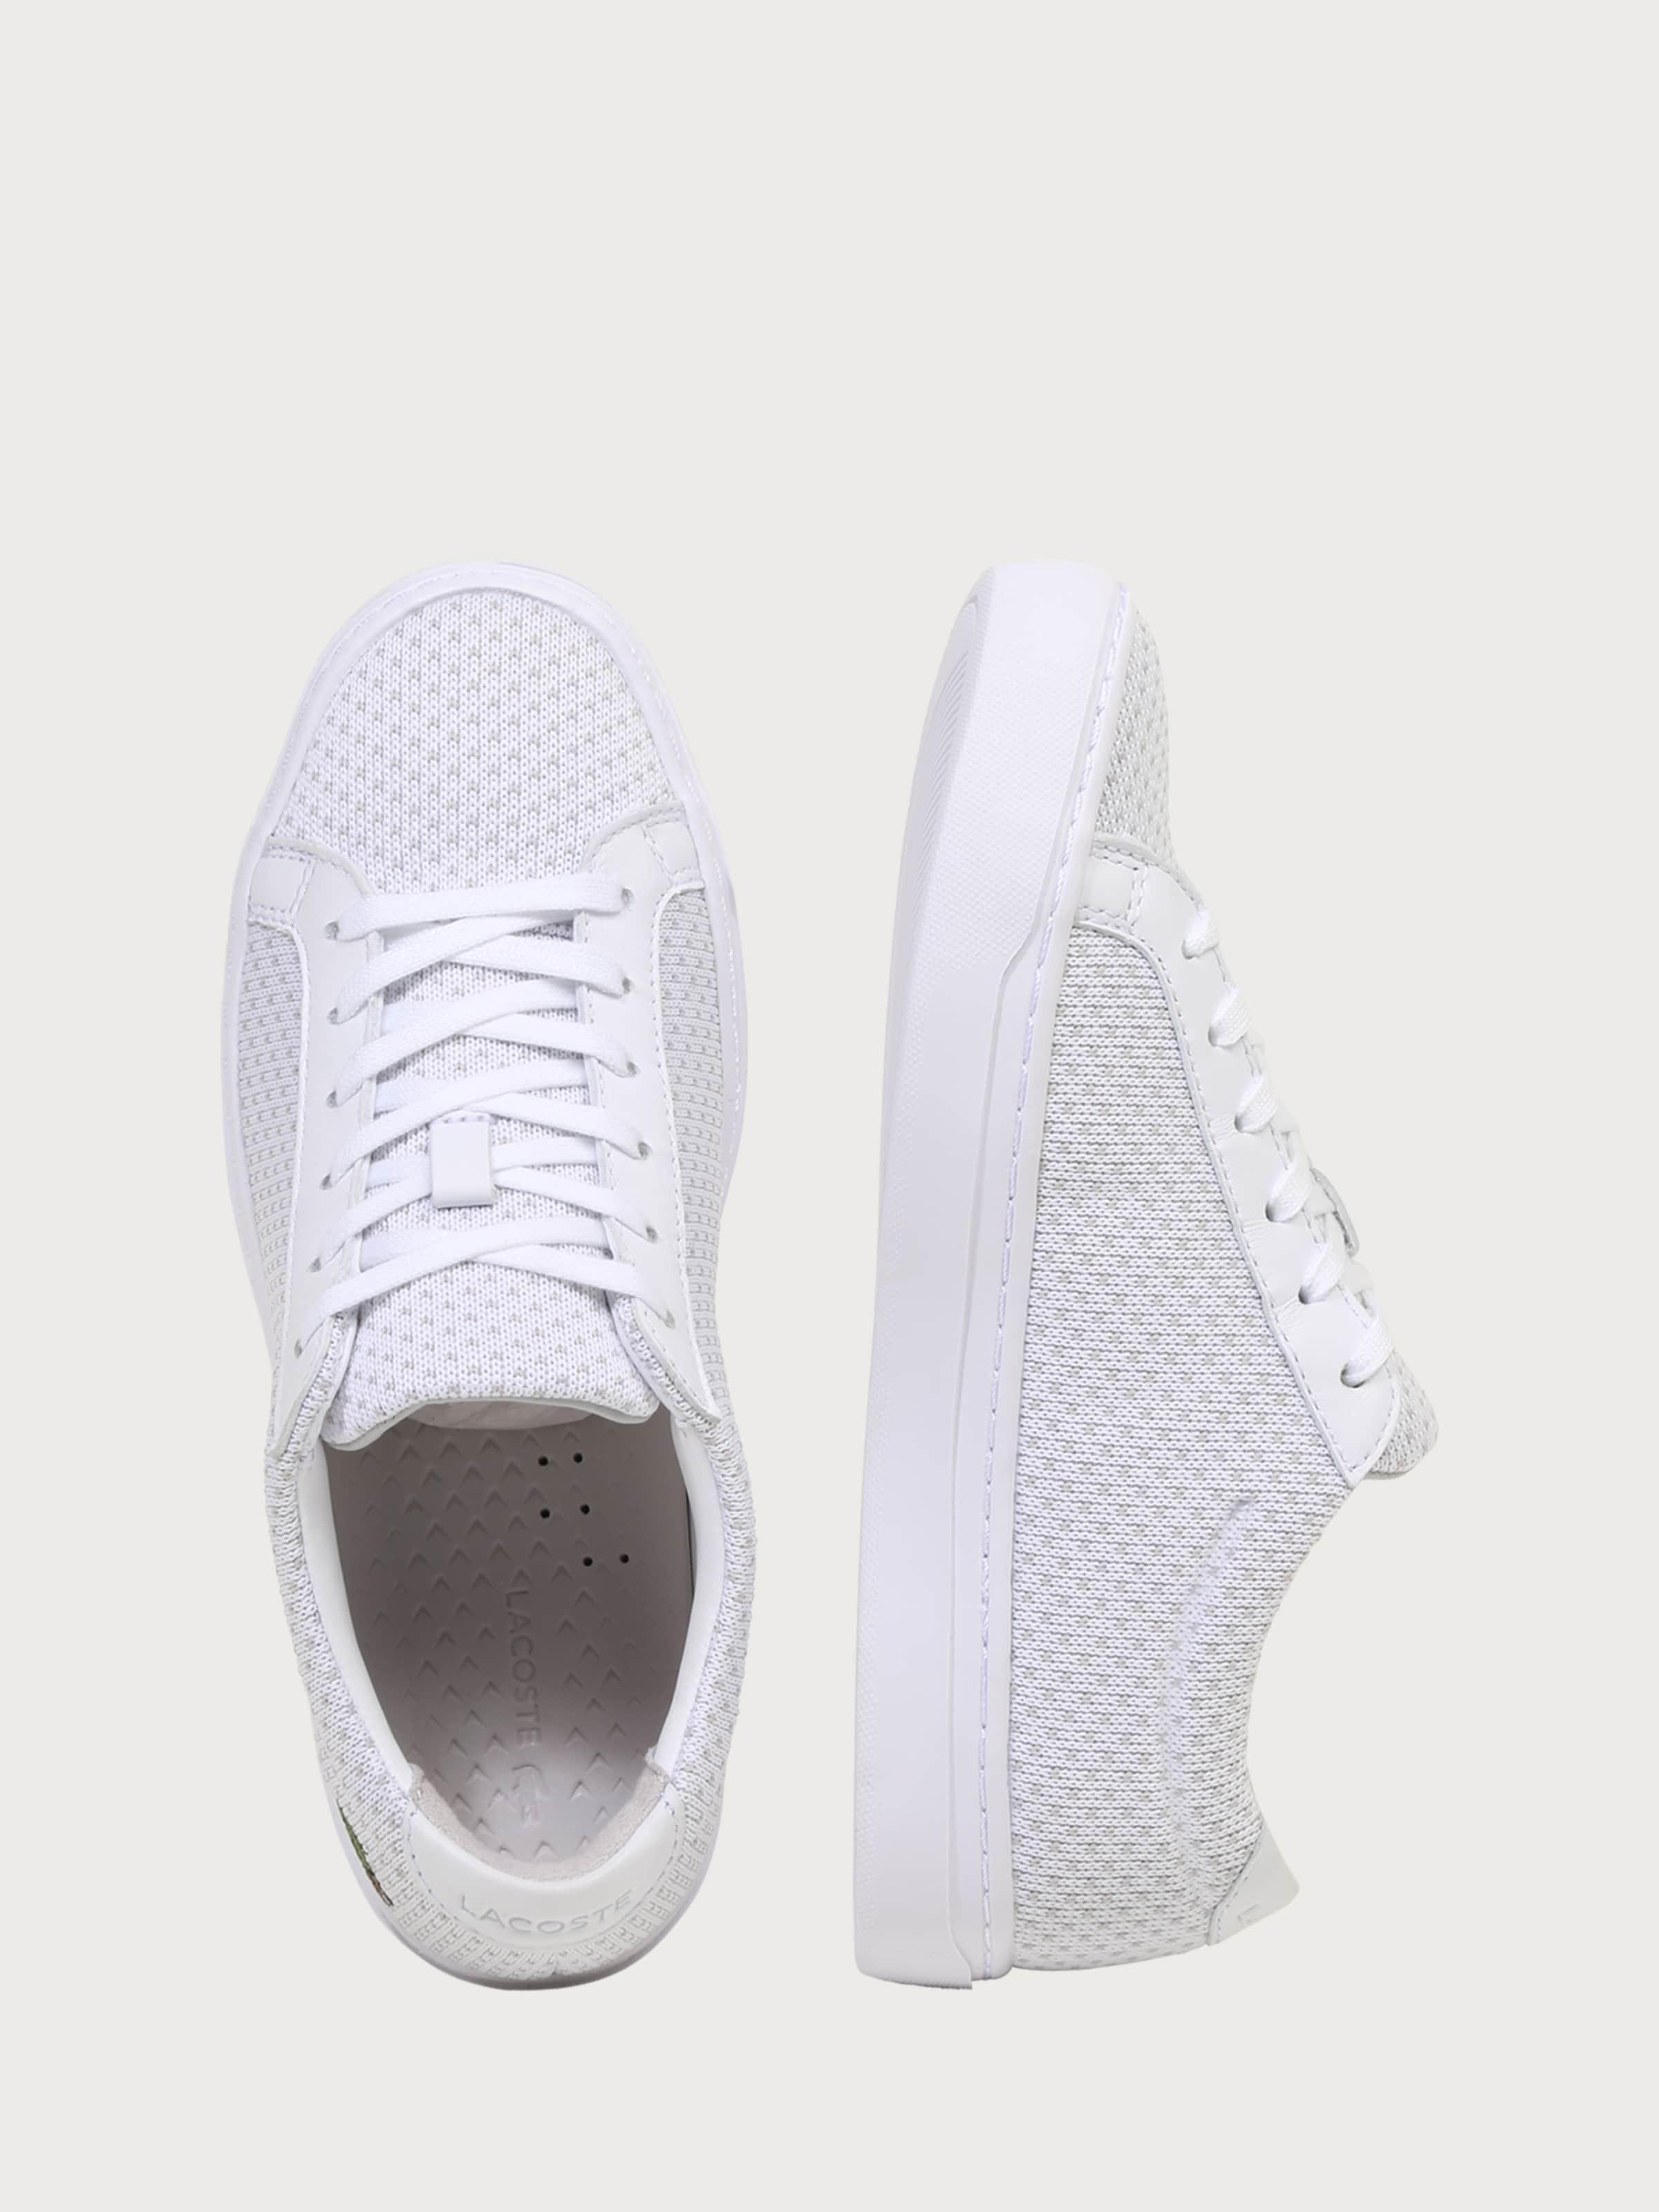 LACOSTE Sneaker 'LIGHTWEIGHT' Auf Dem Laufenden Freies Verschiffen Kaufen 2018 Auslaß zziCa38SST